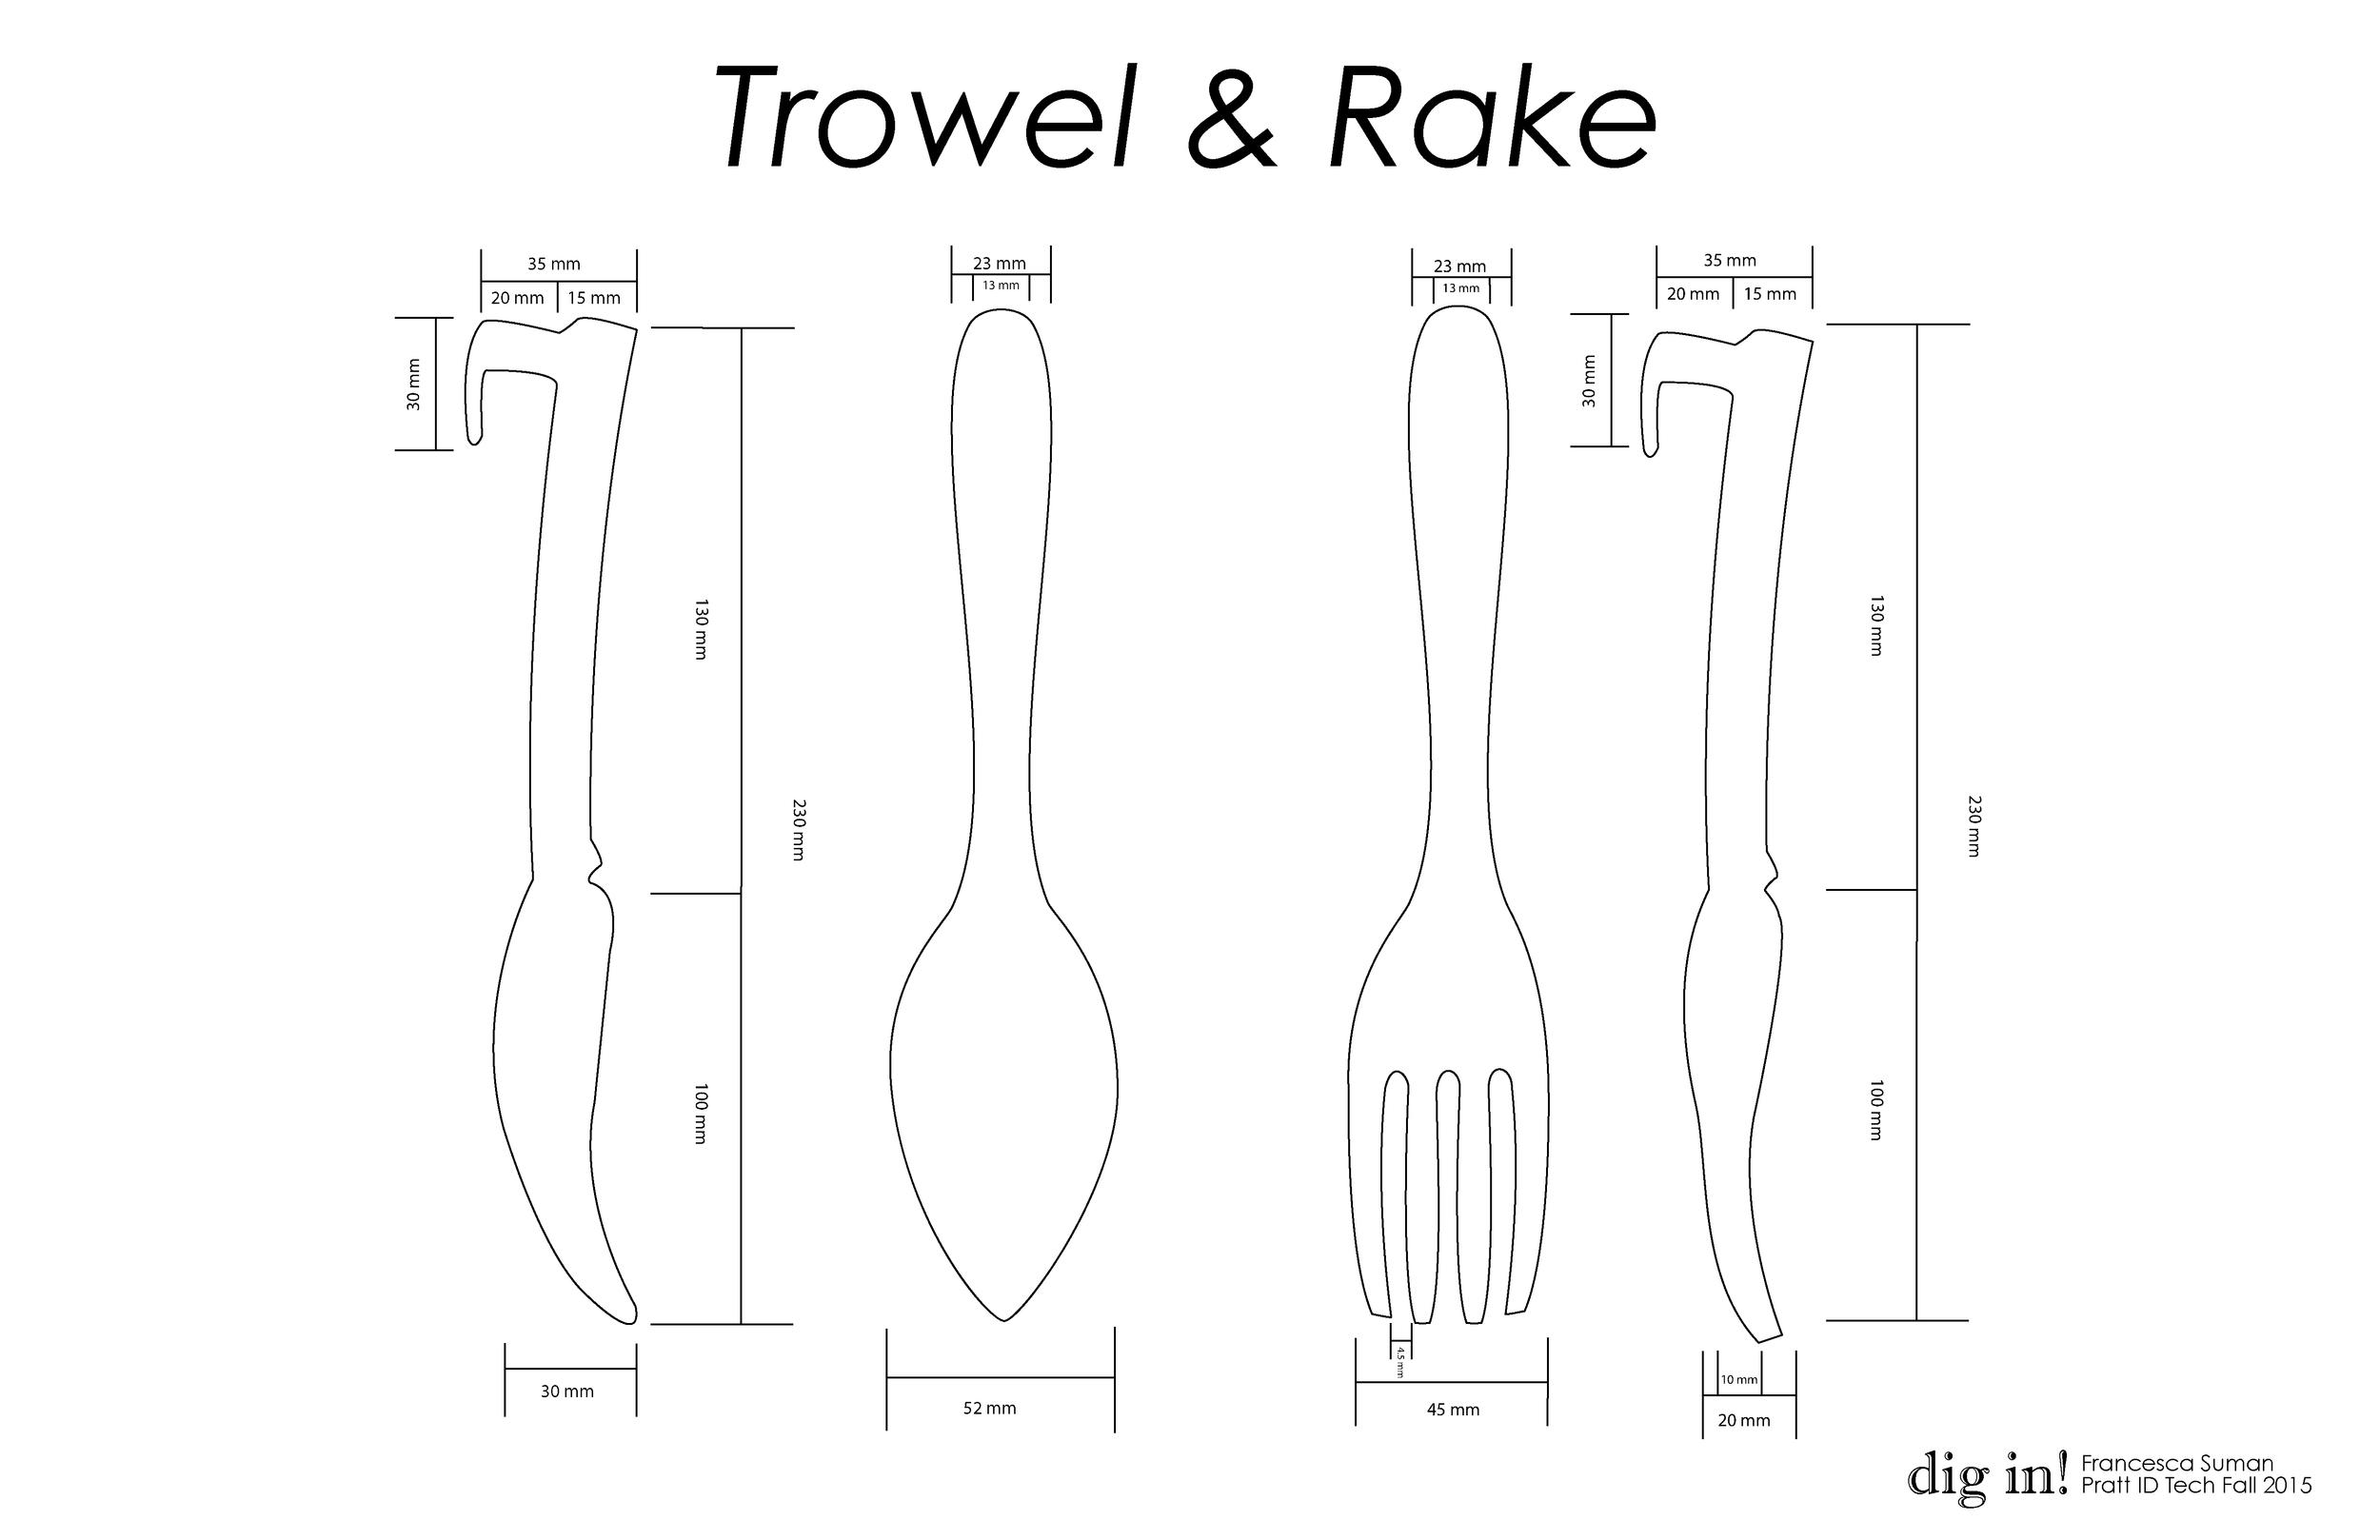 trowelboards6.jpg